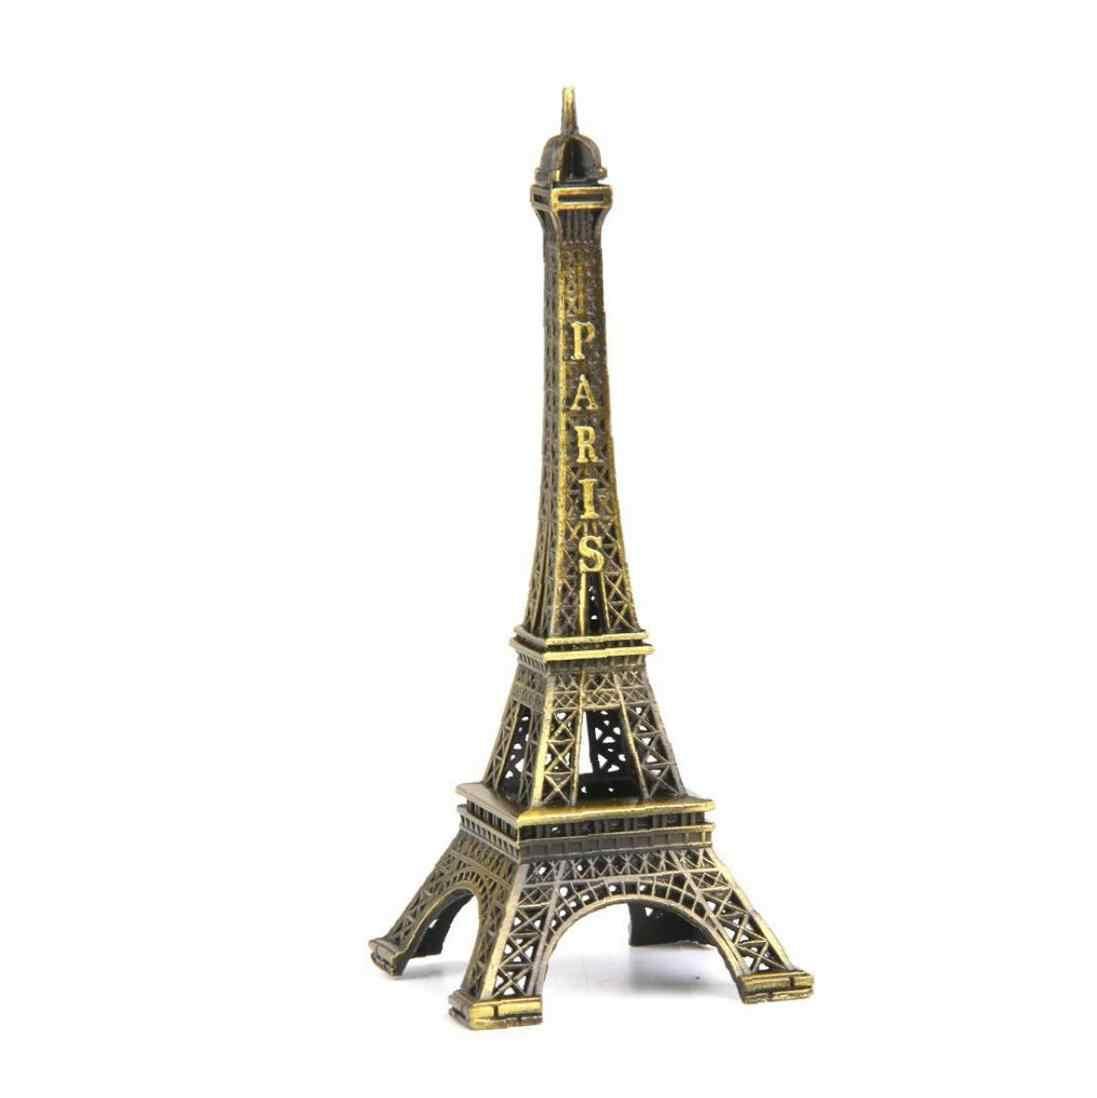 Torre Eiffel Statua di Metallo Mini Decorativo Torre Eiffel di Parigi Figurine Replica Del Supporto Del Basamento per La Decorazione-in Ottone